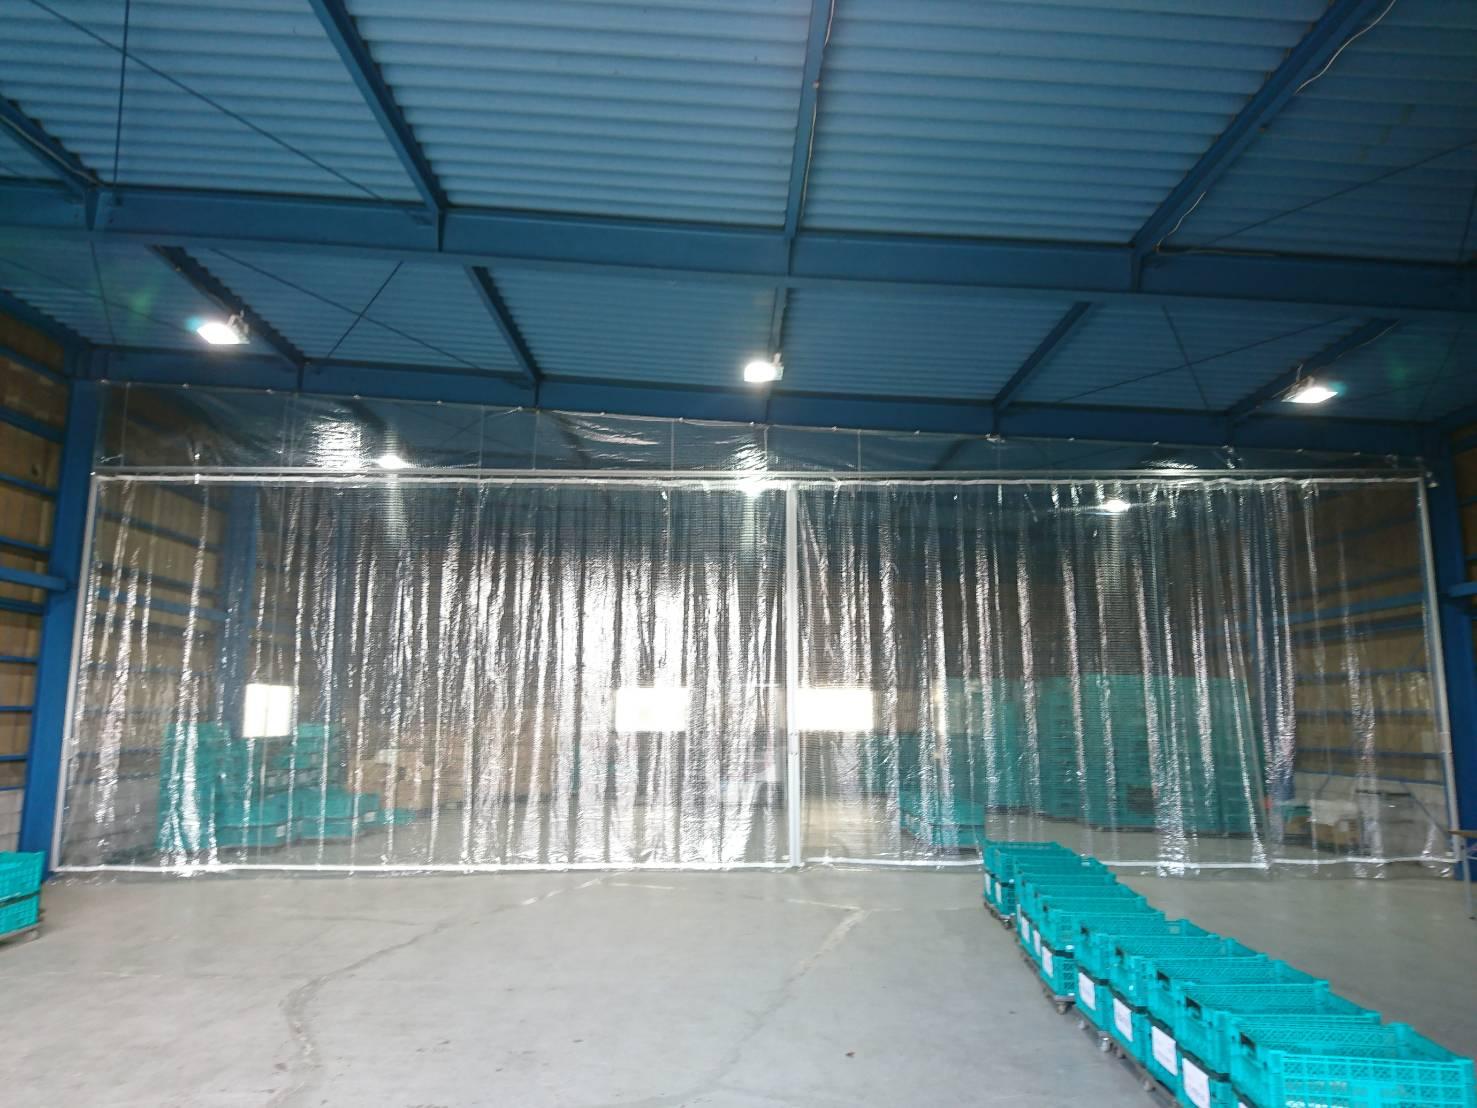 広い空間の間仕切りにはビニールカーテンが最適